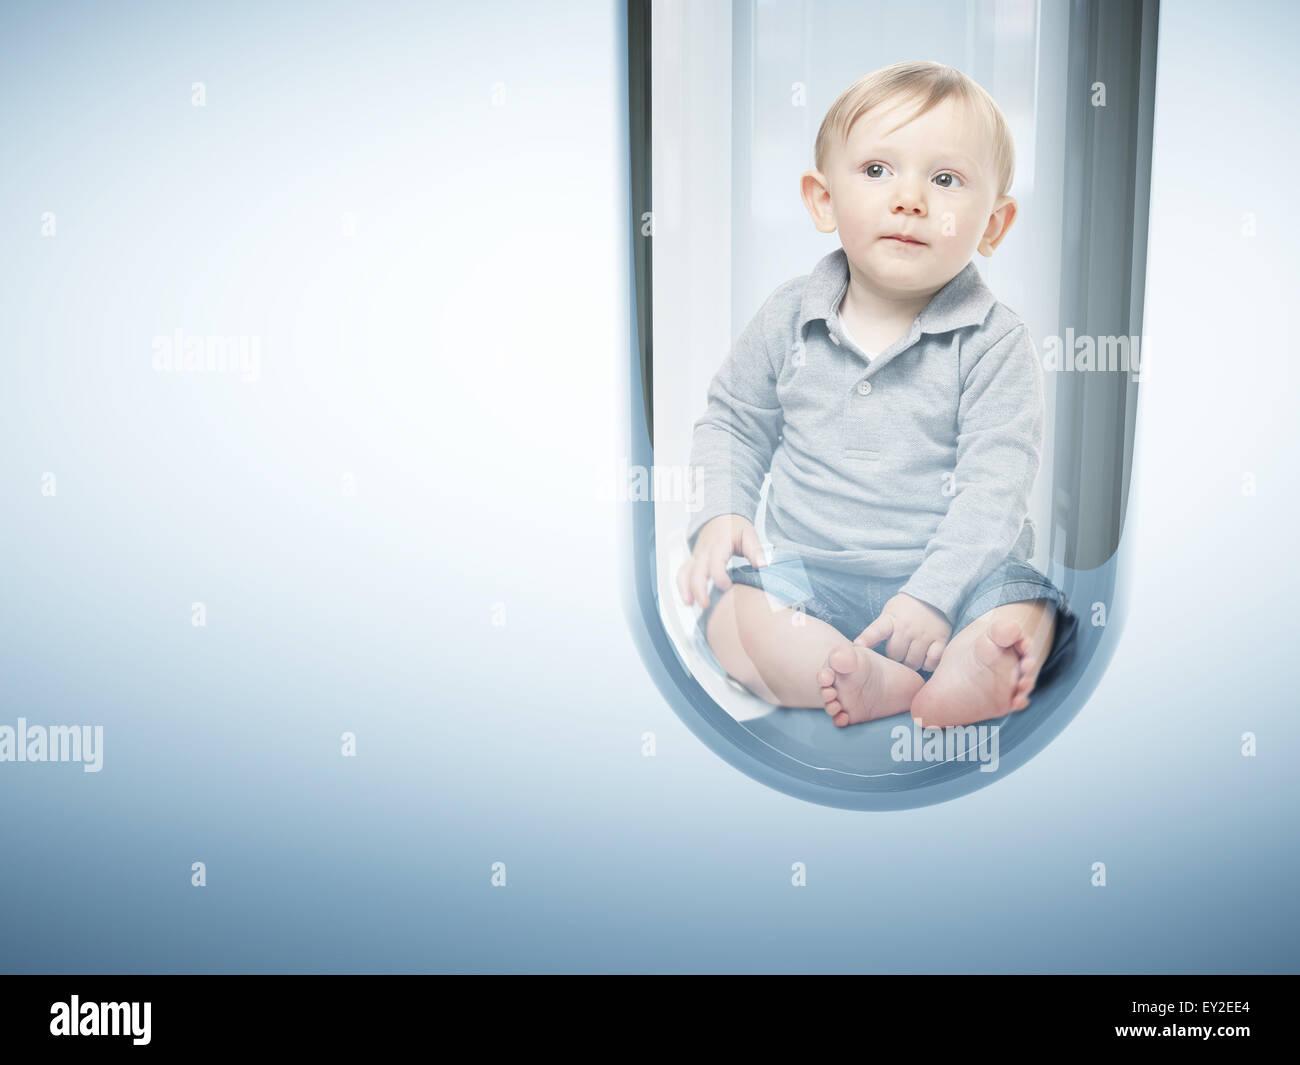 Besamung Stockfotos und -bilder Kaufen - Alamy